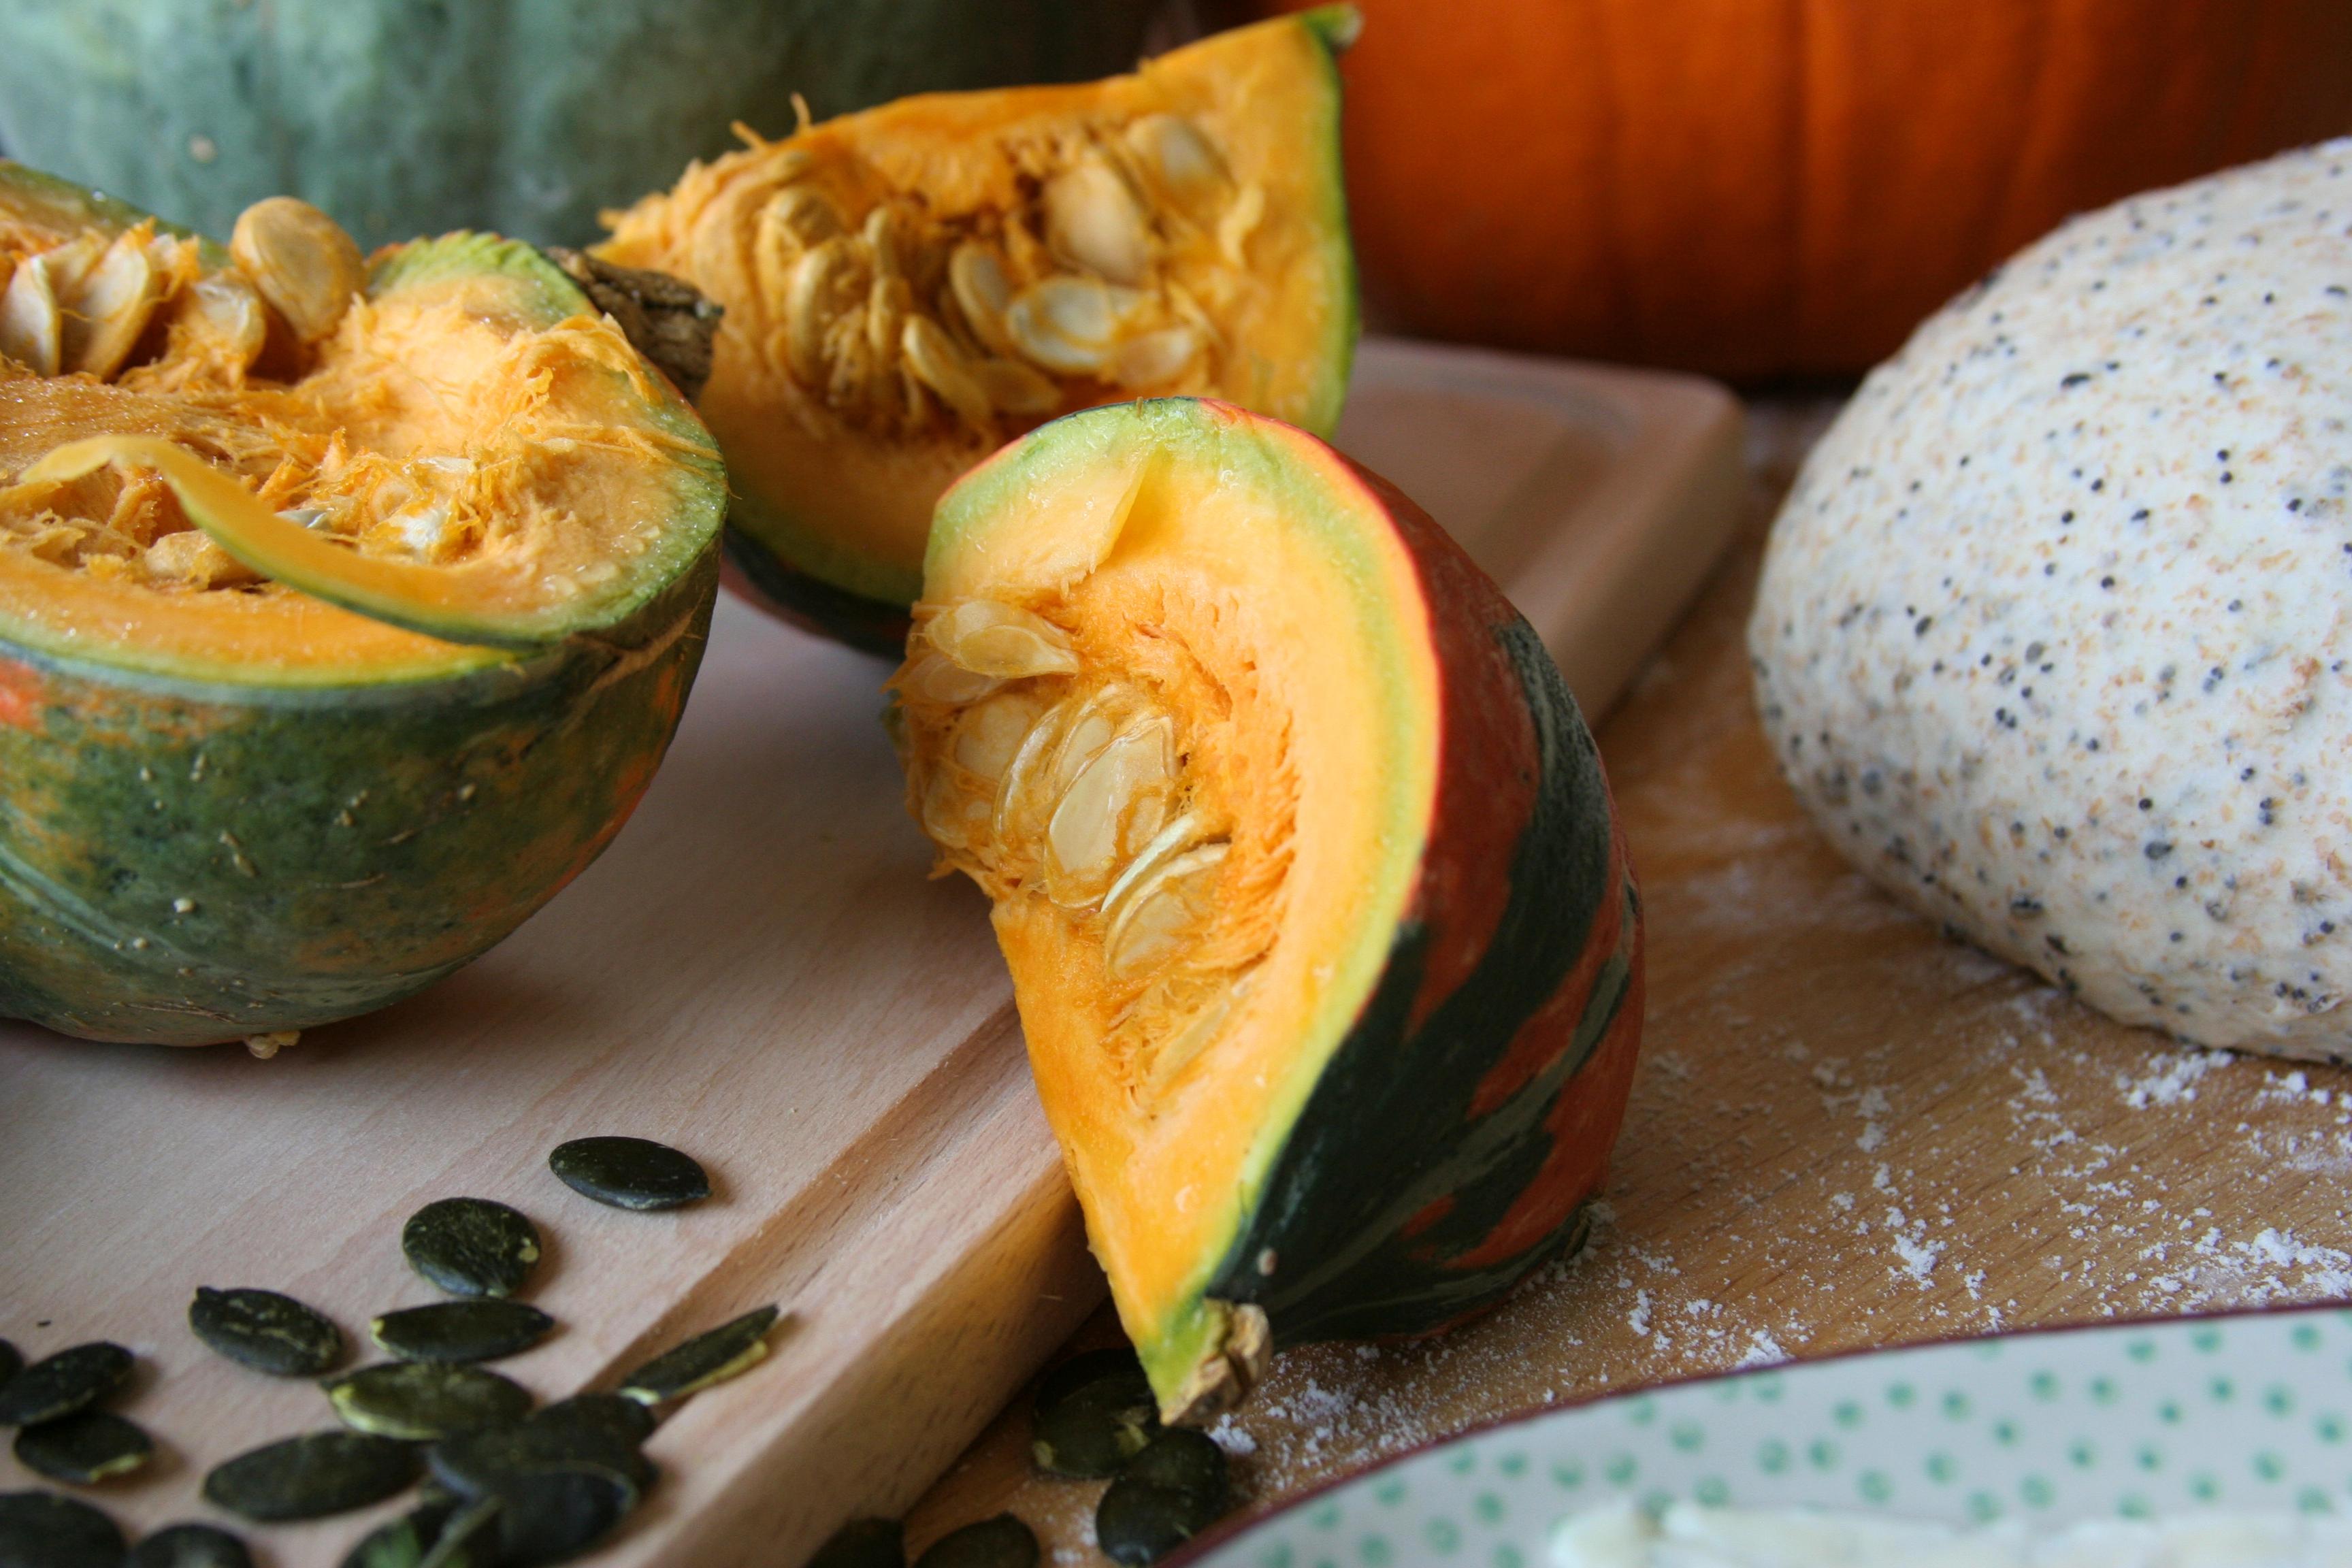 Podzimní koláče – dýně & bylinky nebo květák & jablka